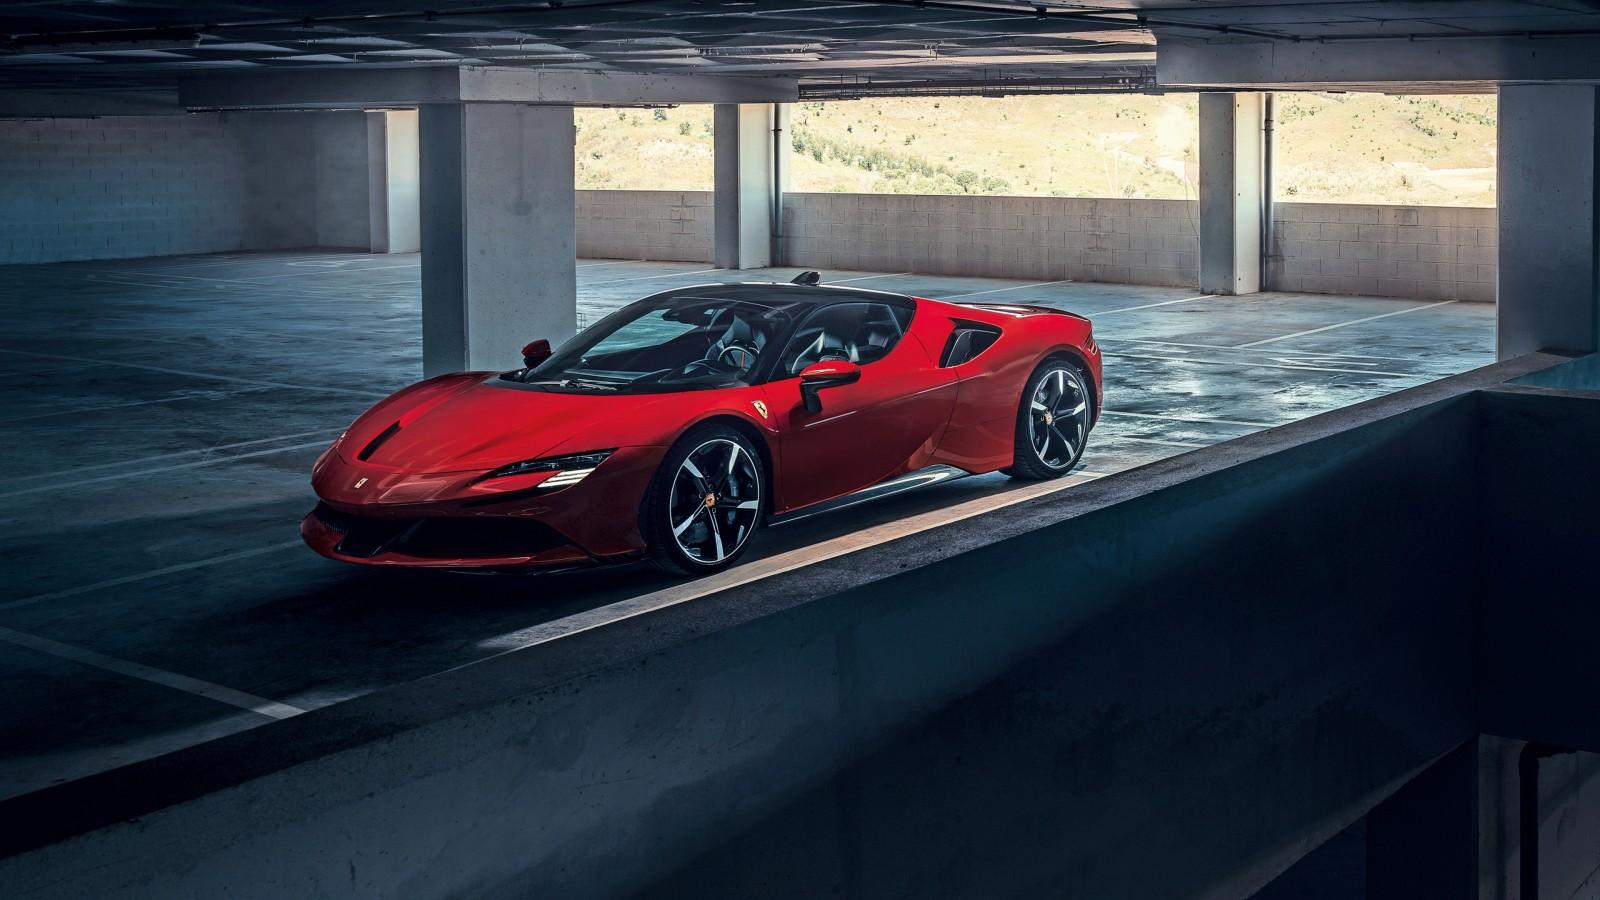 Ferrari Iphone 6 Wallpaper Ferrari Sf90 Stradale 2019 4k Wallpapers Hd Wallpapers